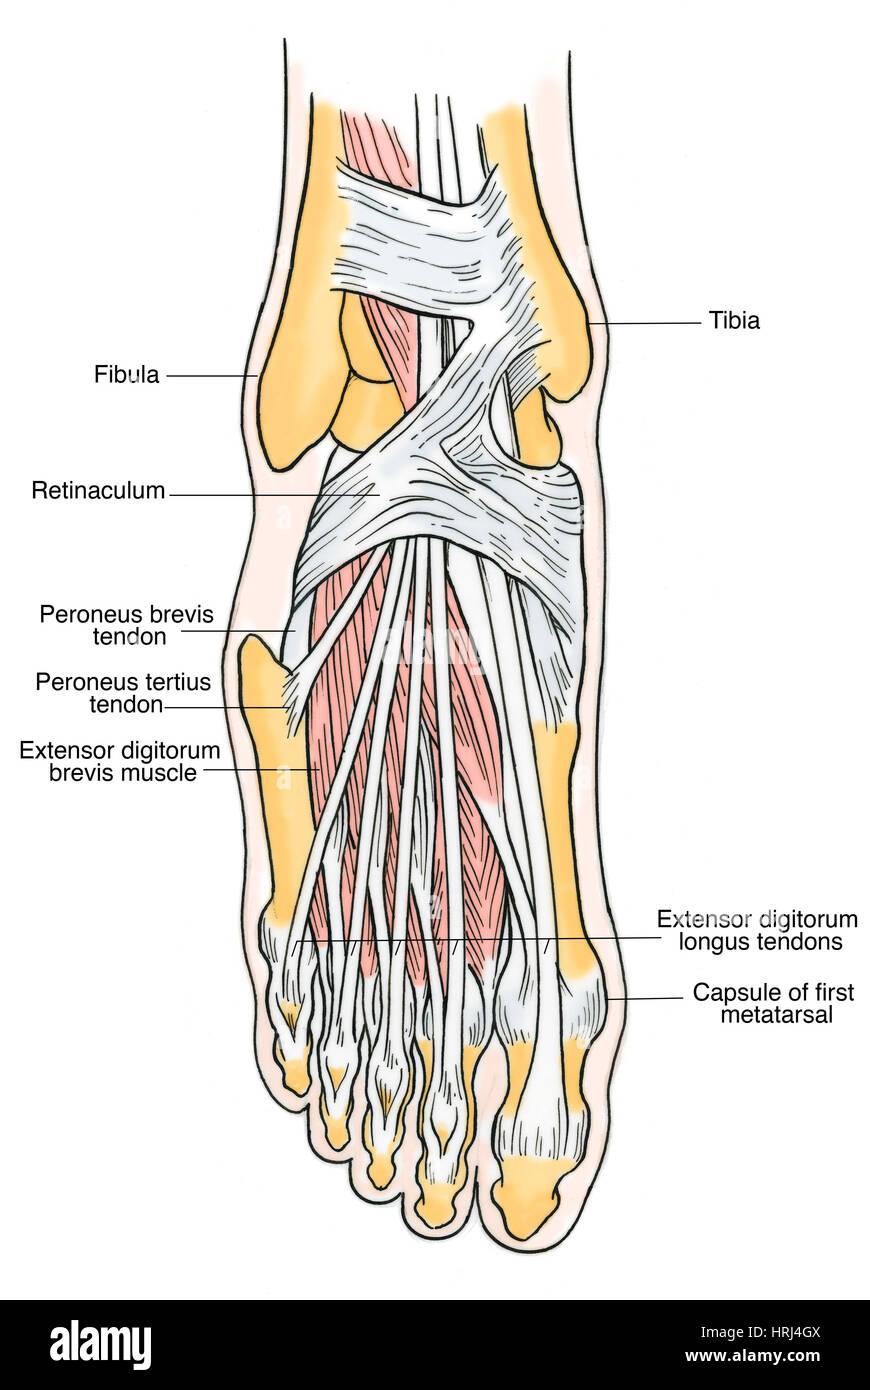 Darstellung der Anatomie des Fußes Stockfoto, Bild: 135008410 - Alamy